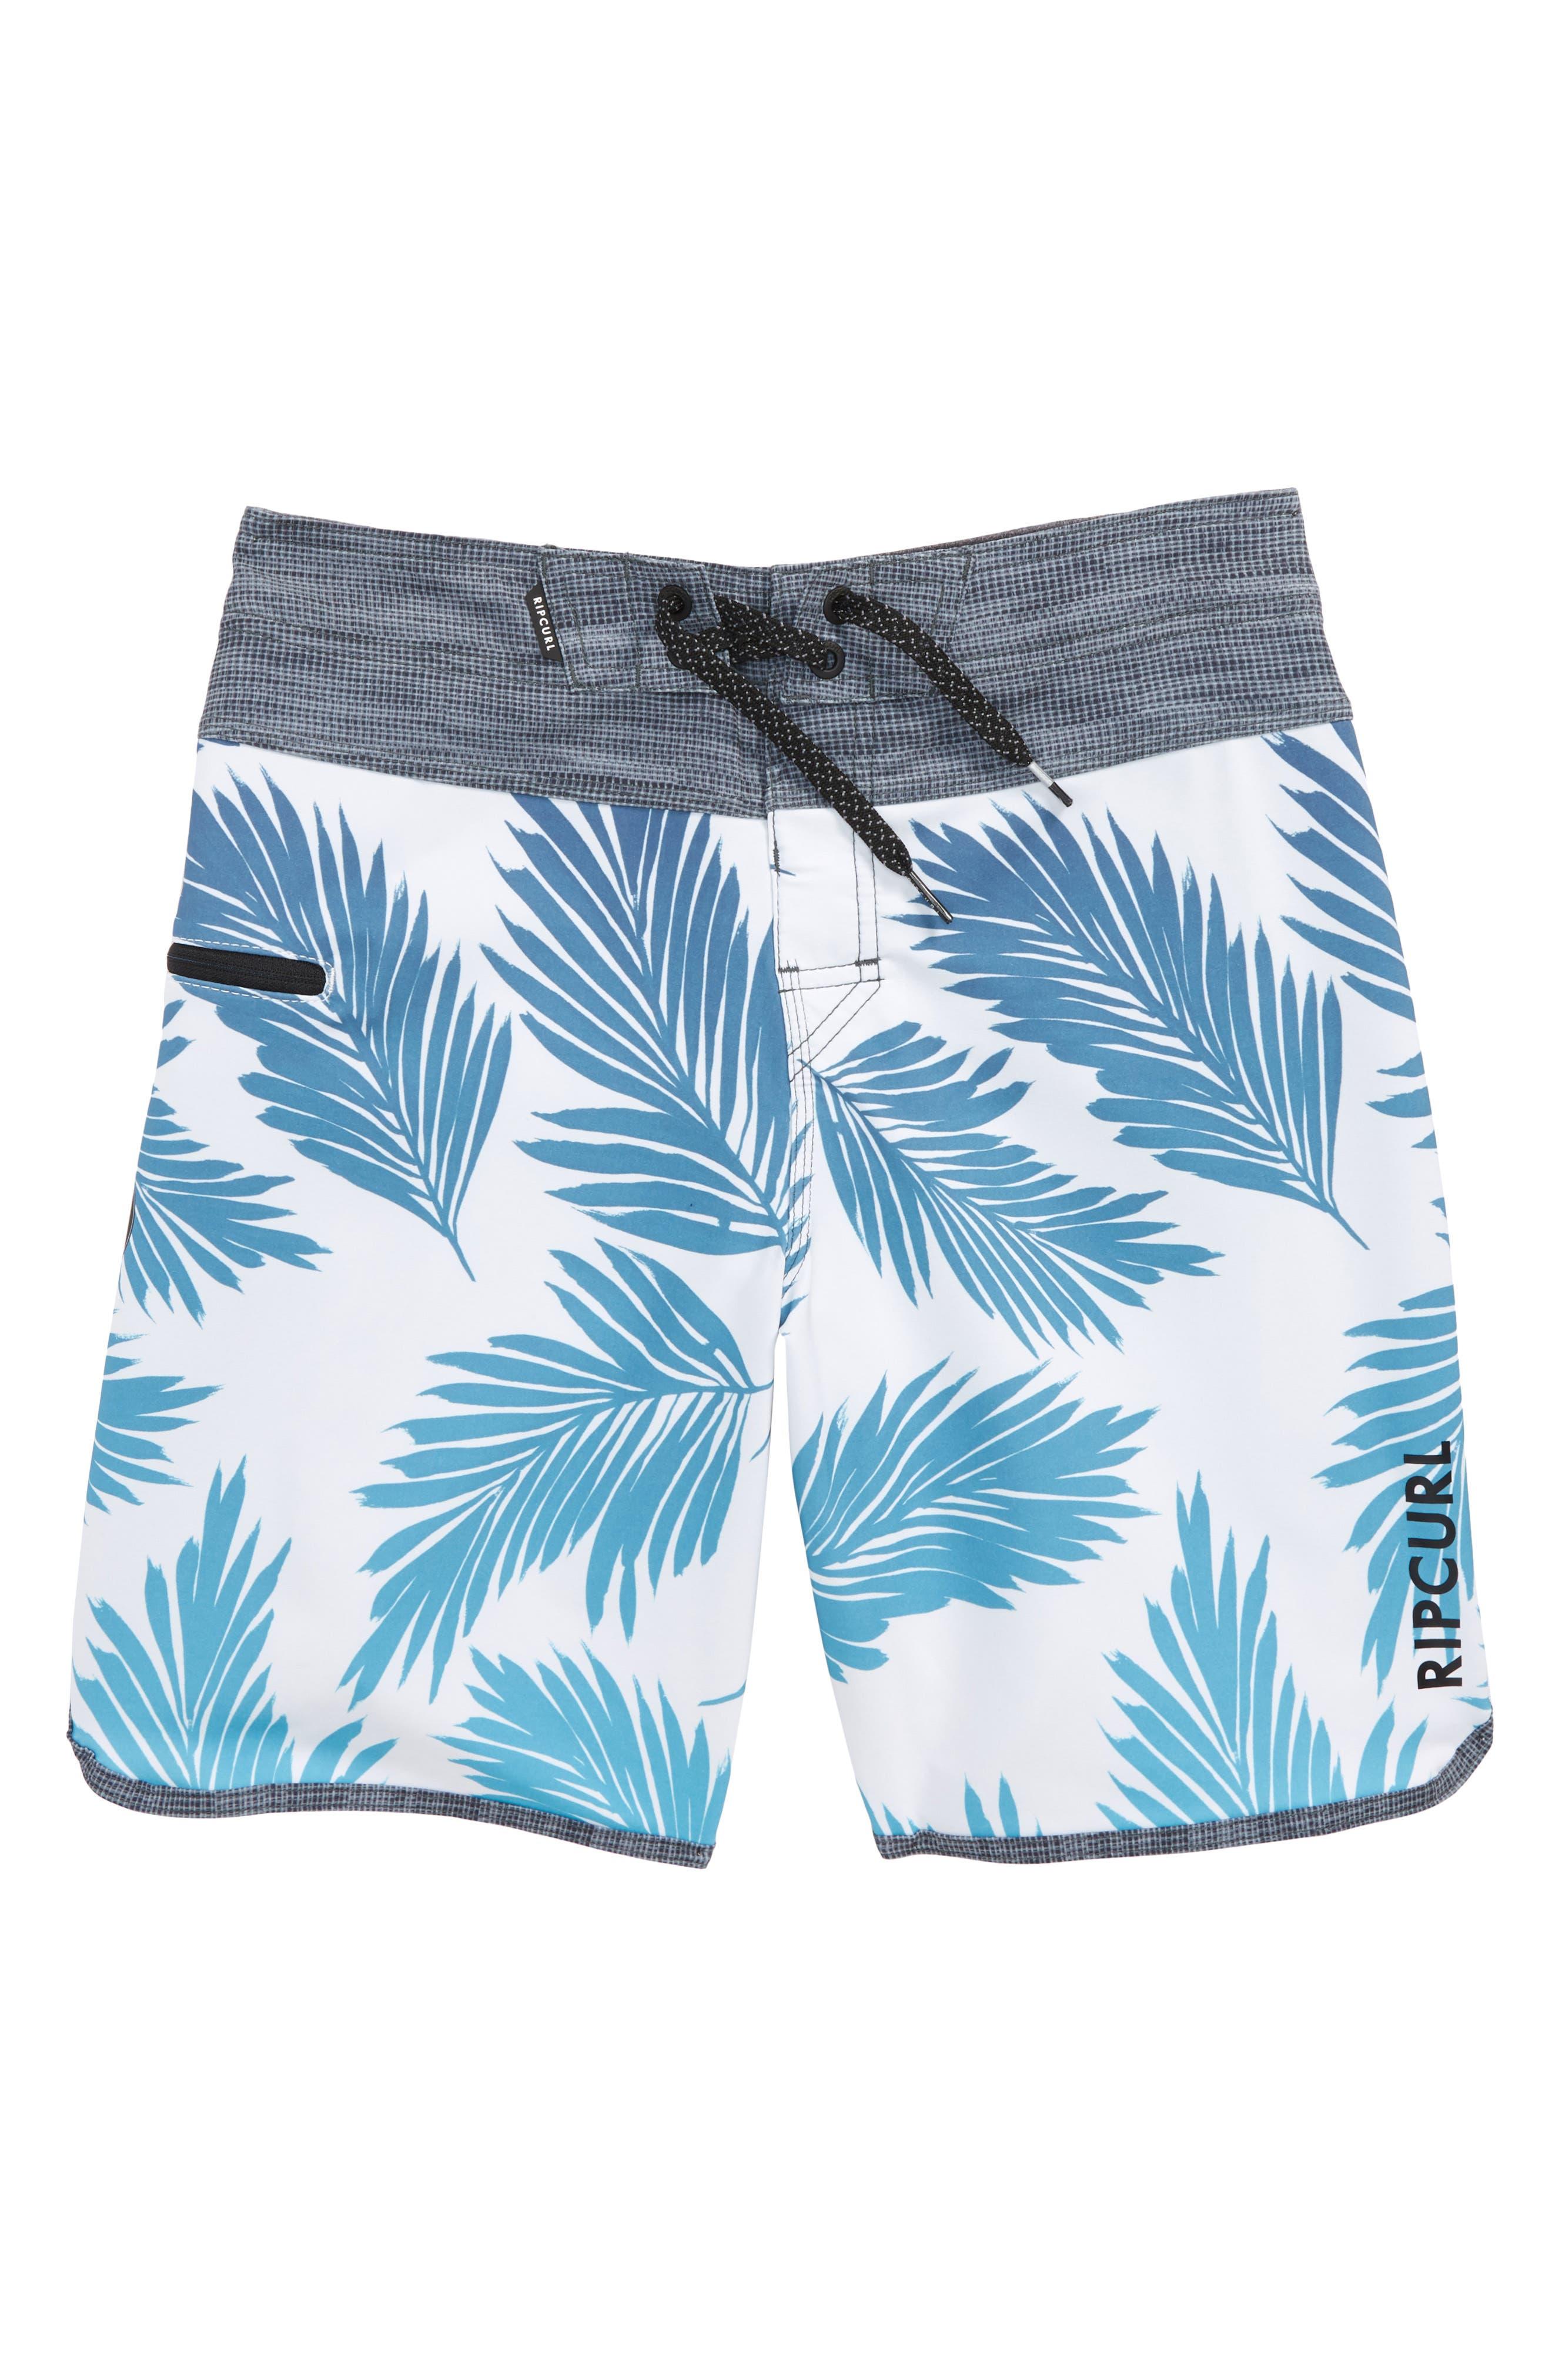 Mirage Mason Rockies Board Shorts,                             Main thumbnail 1, color,                             Light Blue